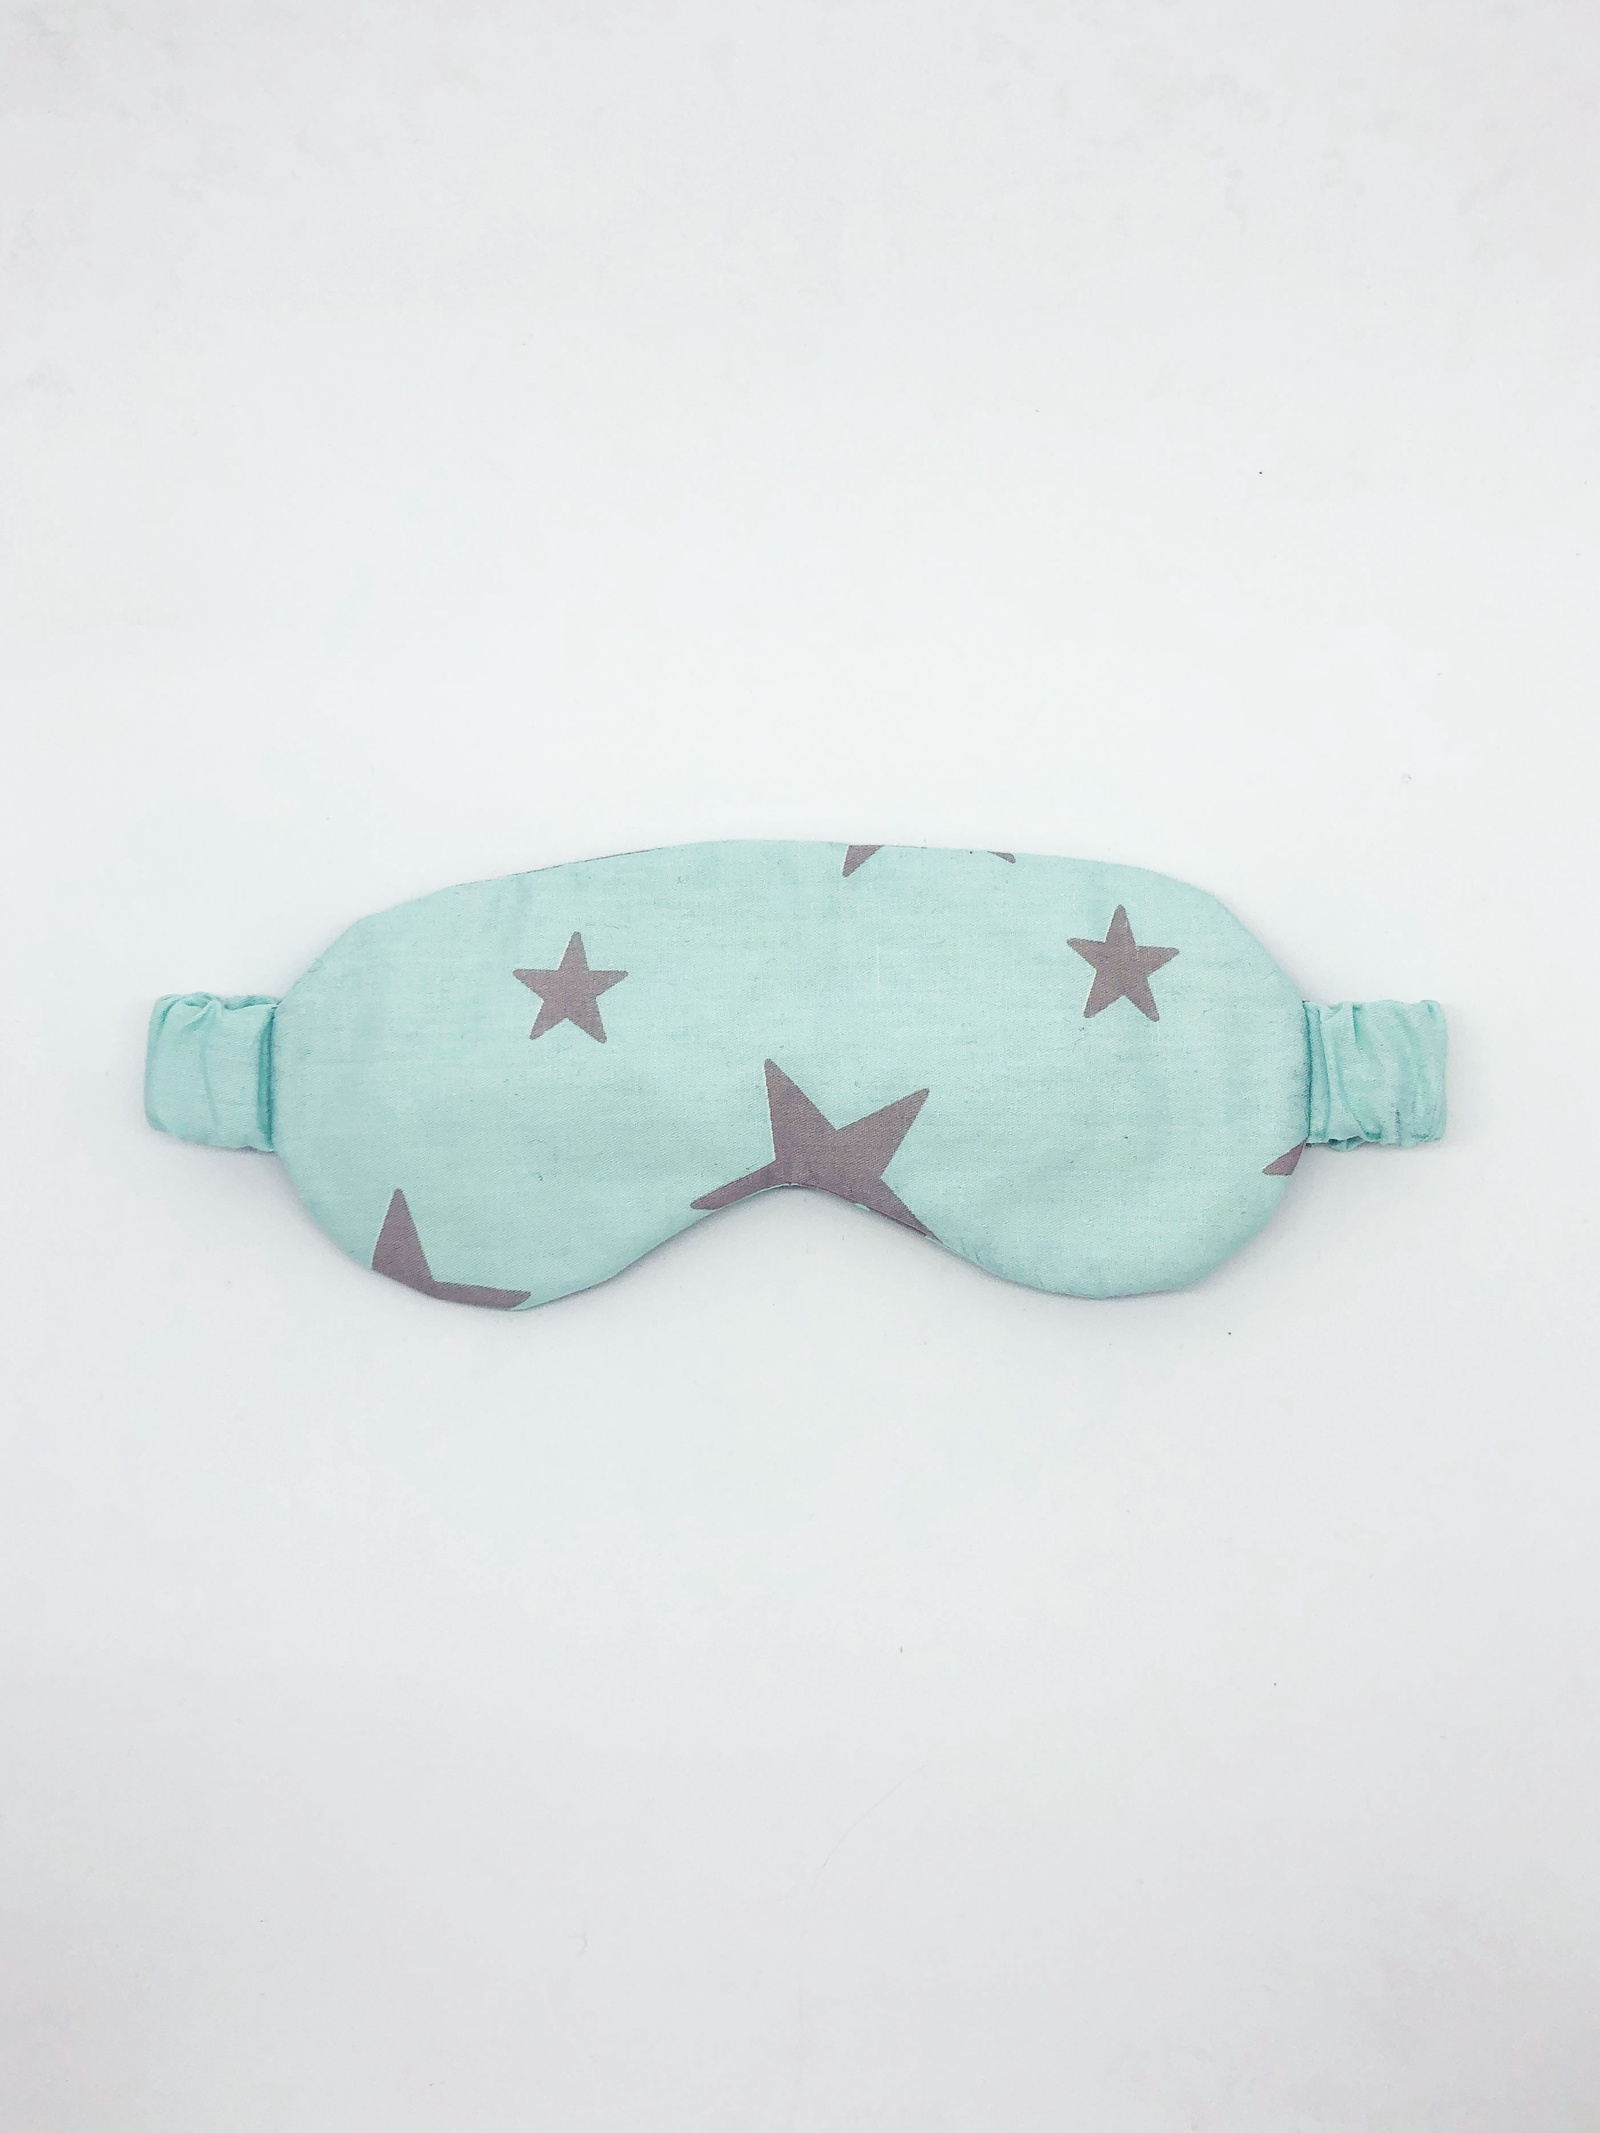 Маска для сна Cozy&Cute Home Серые звезды на голубом, серый, голубой